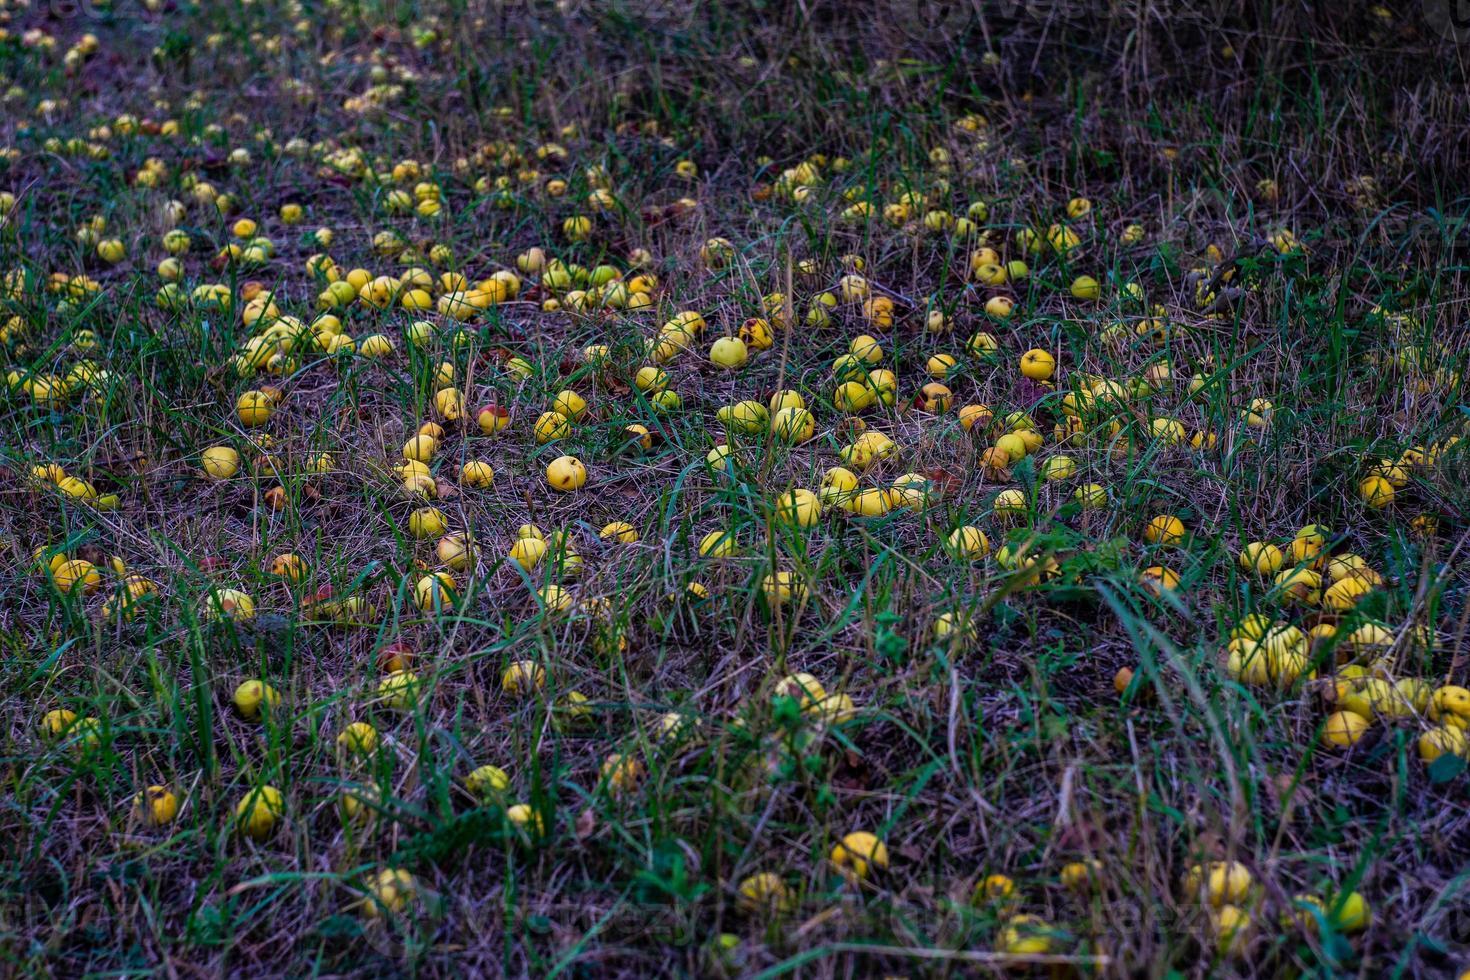 wilde appels in de natuur foto